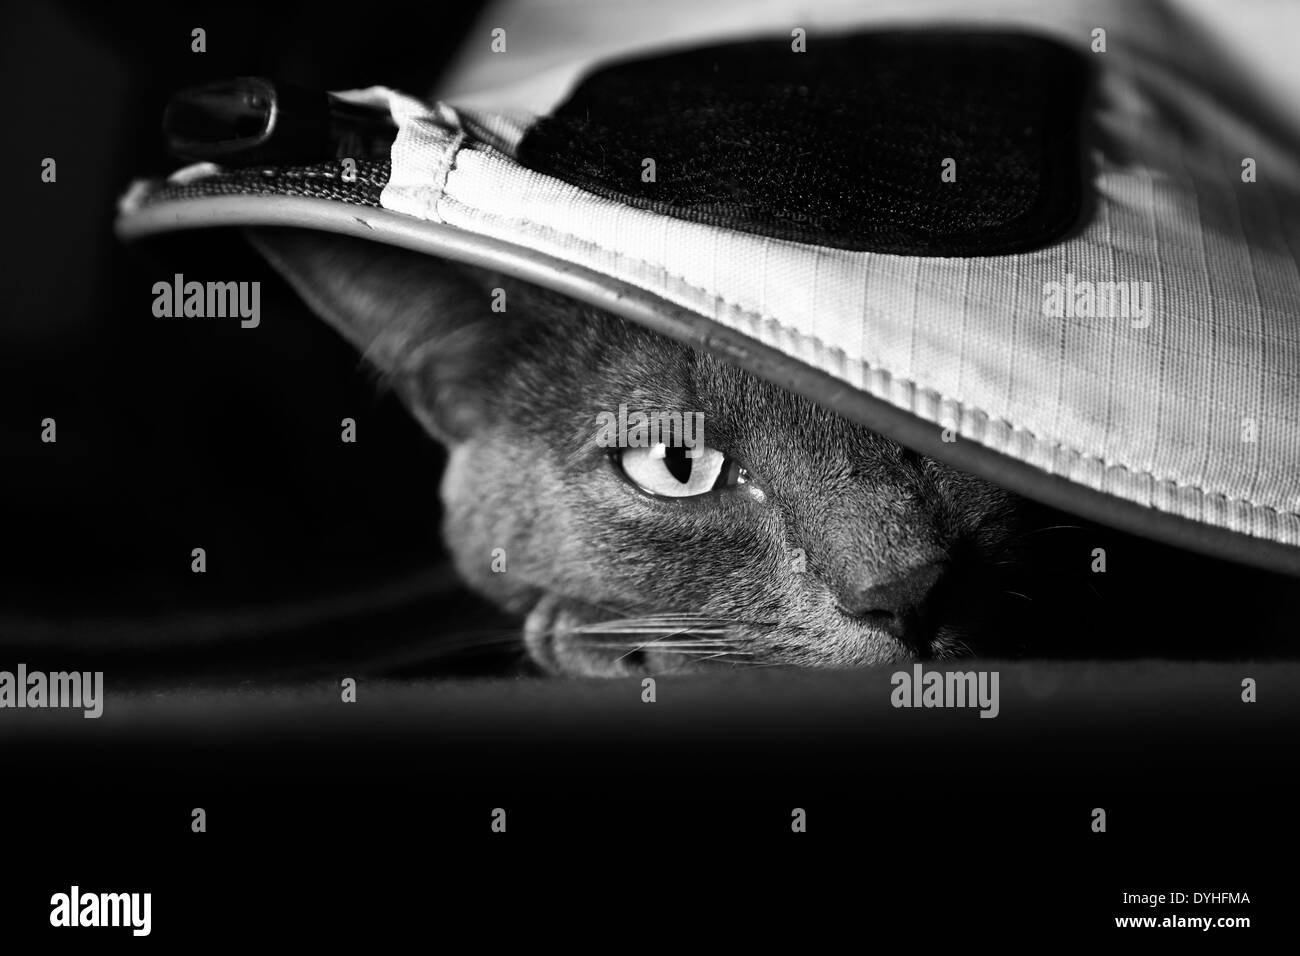 Eine graue Katze, versteckt unter einer Tasche Stockfoto